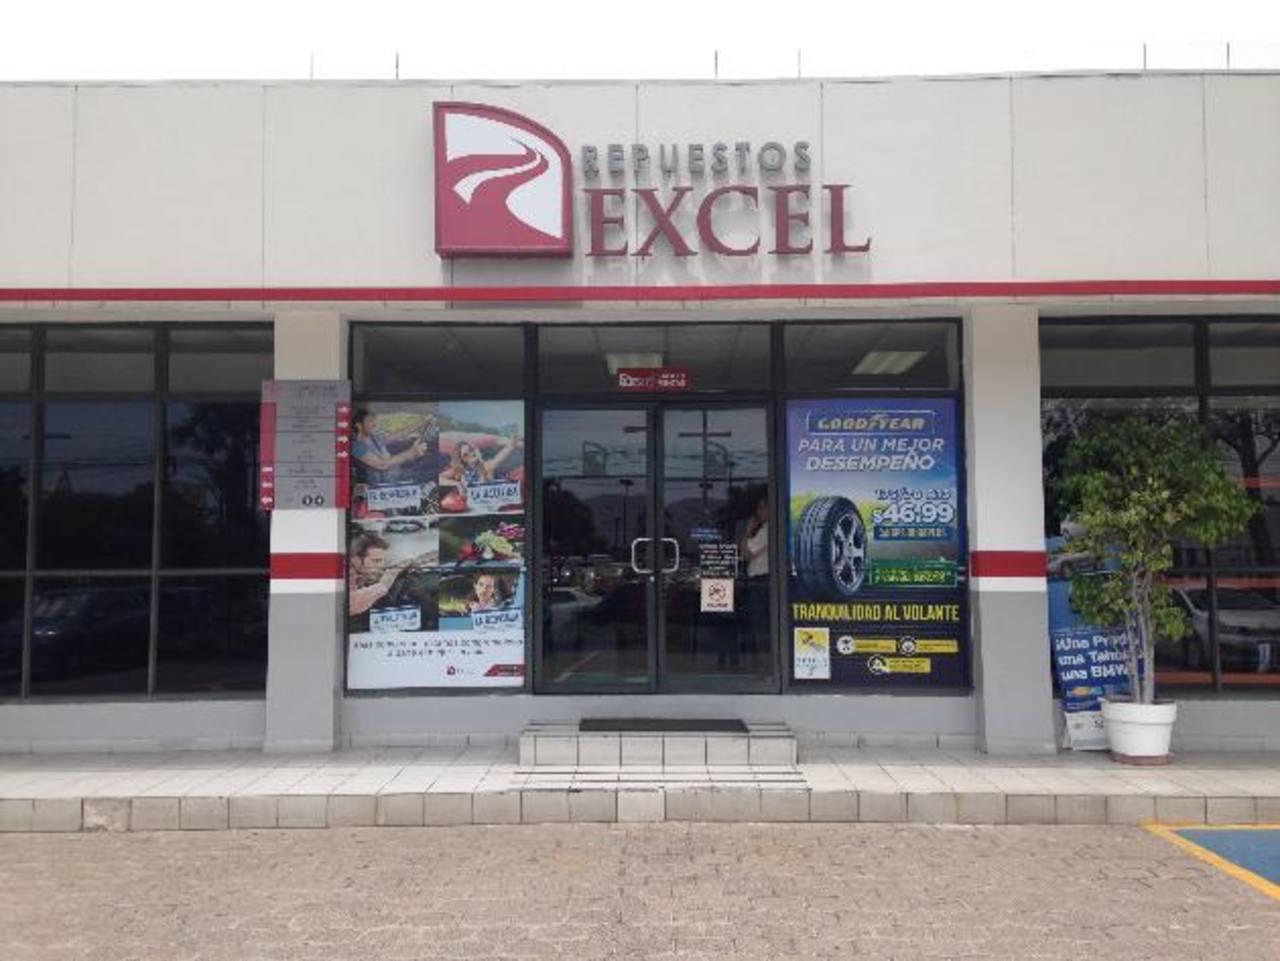 Repuestos Excel trae lo mejor para vehículos de marcas como Toyota, Kia, Mitsubishi y Chevrolet. FOTO EDH / cortesía